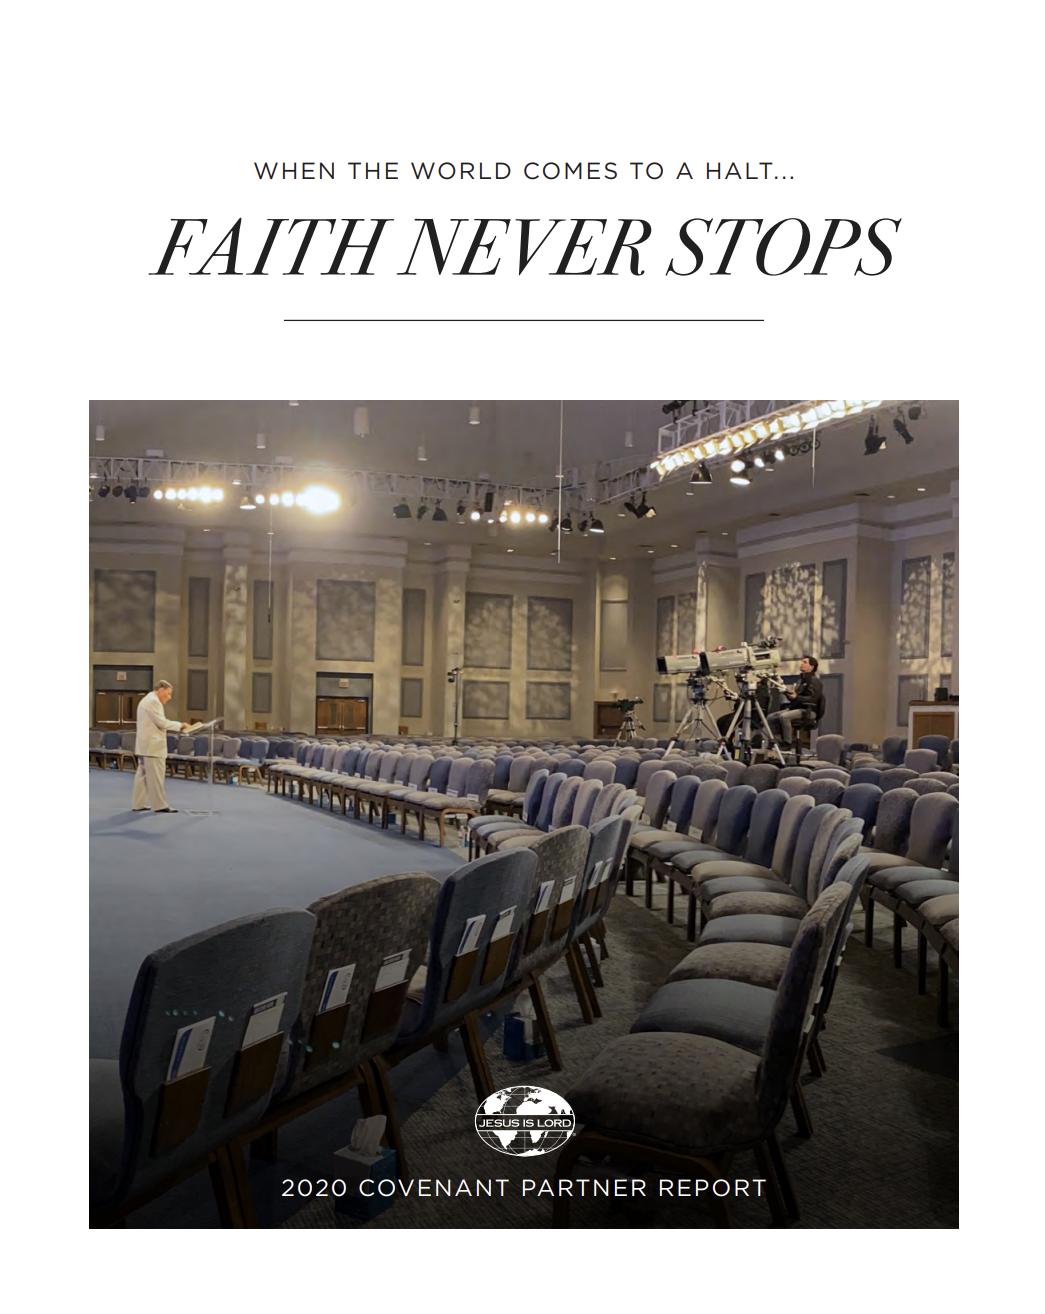 2020 Covenant Partnership Report